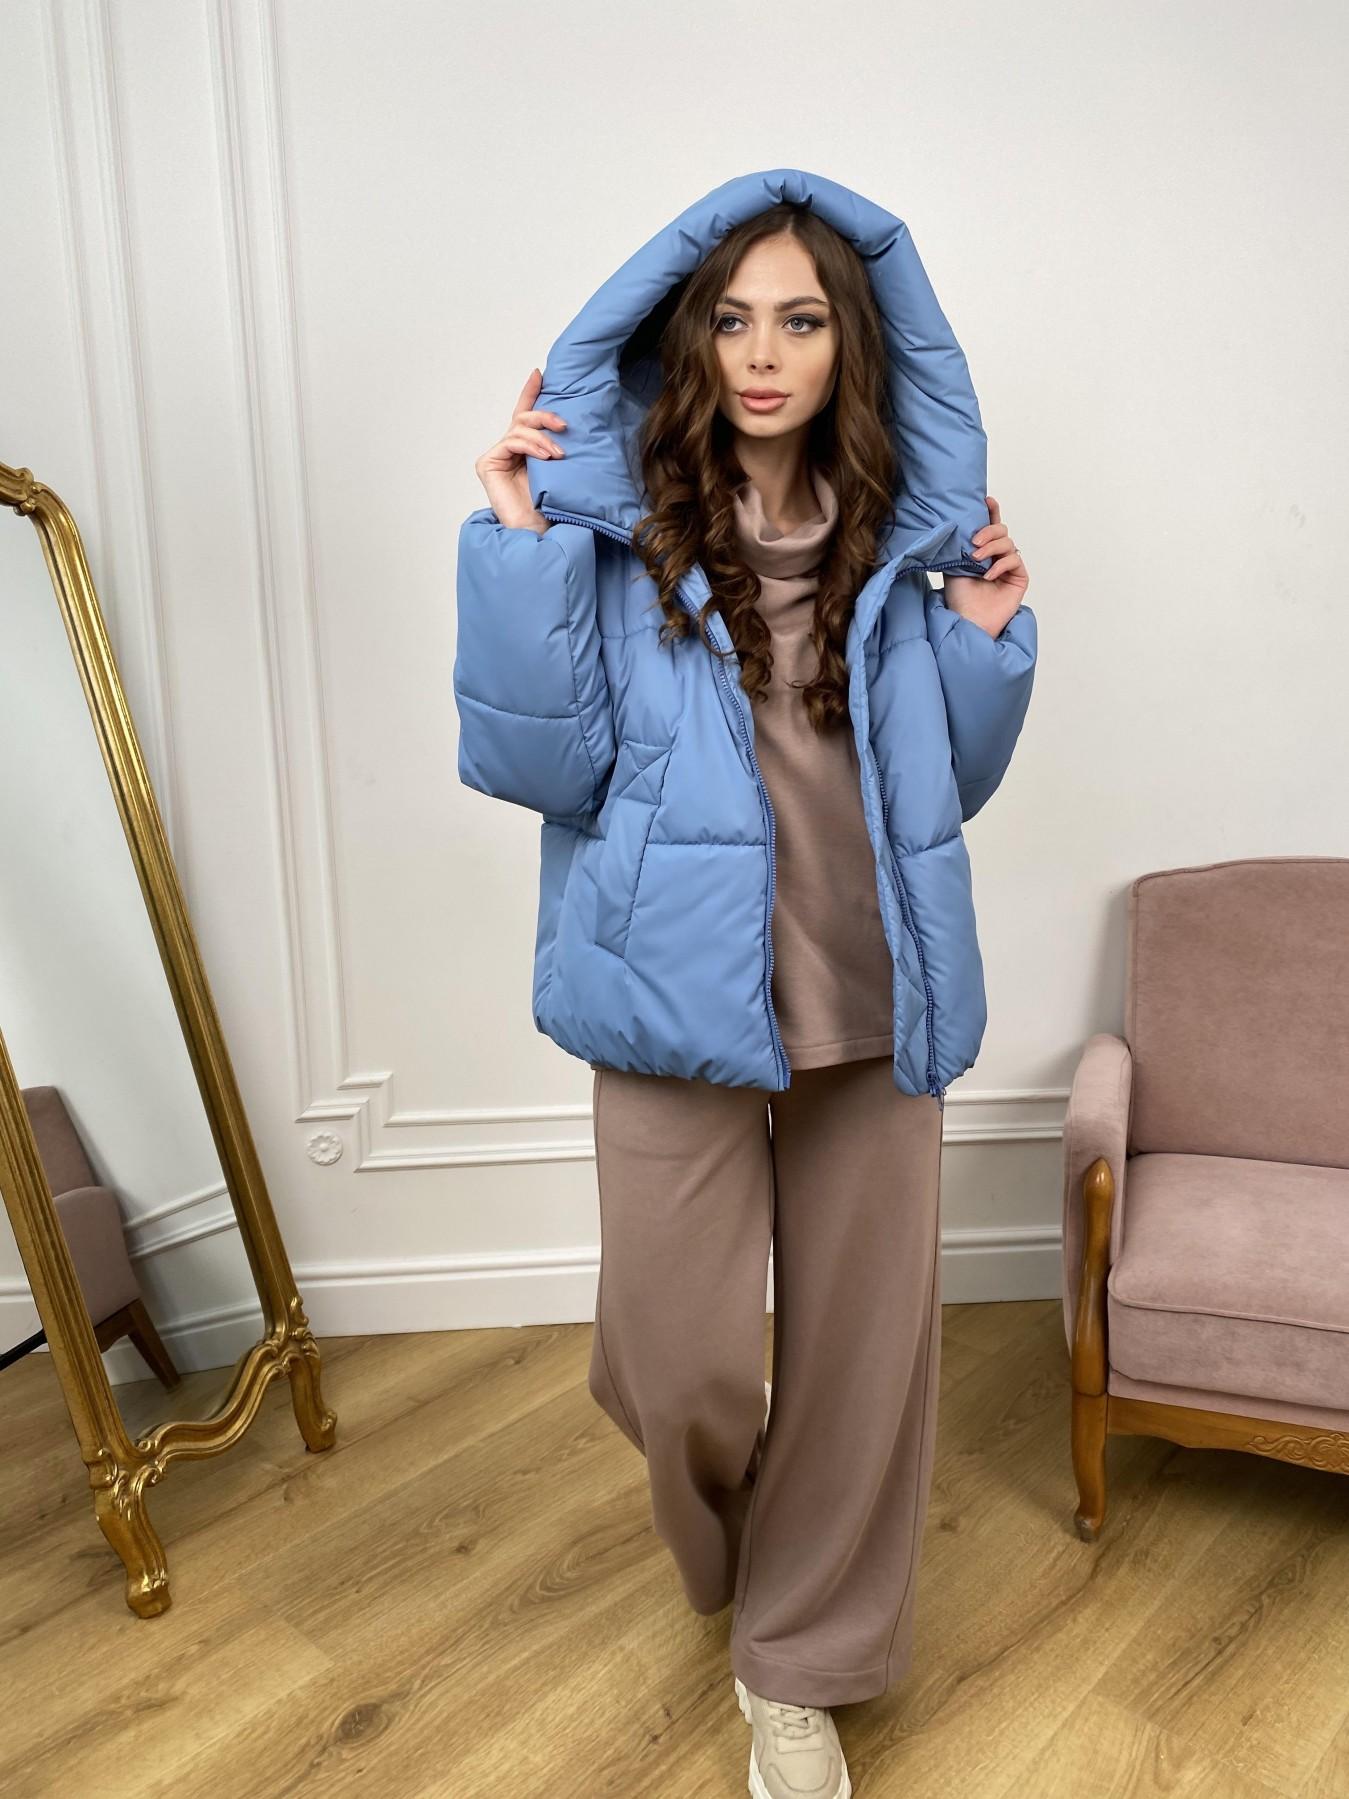 Нокс куртка из плащевой ткани 10535 АРТ. 46971 Цвет: Джинс - фото 1, интернет магазин tm-modus.ru